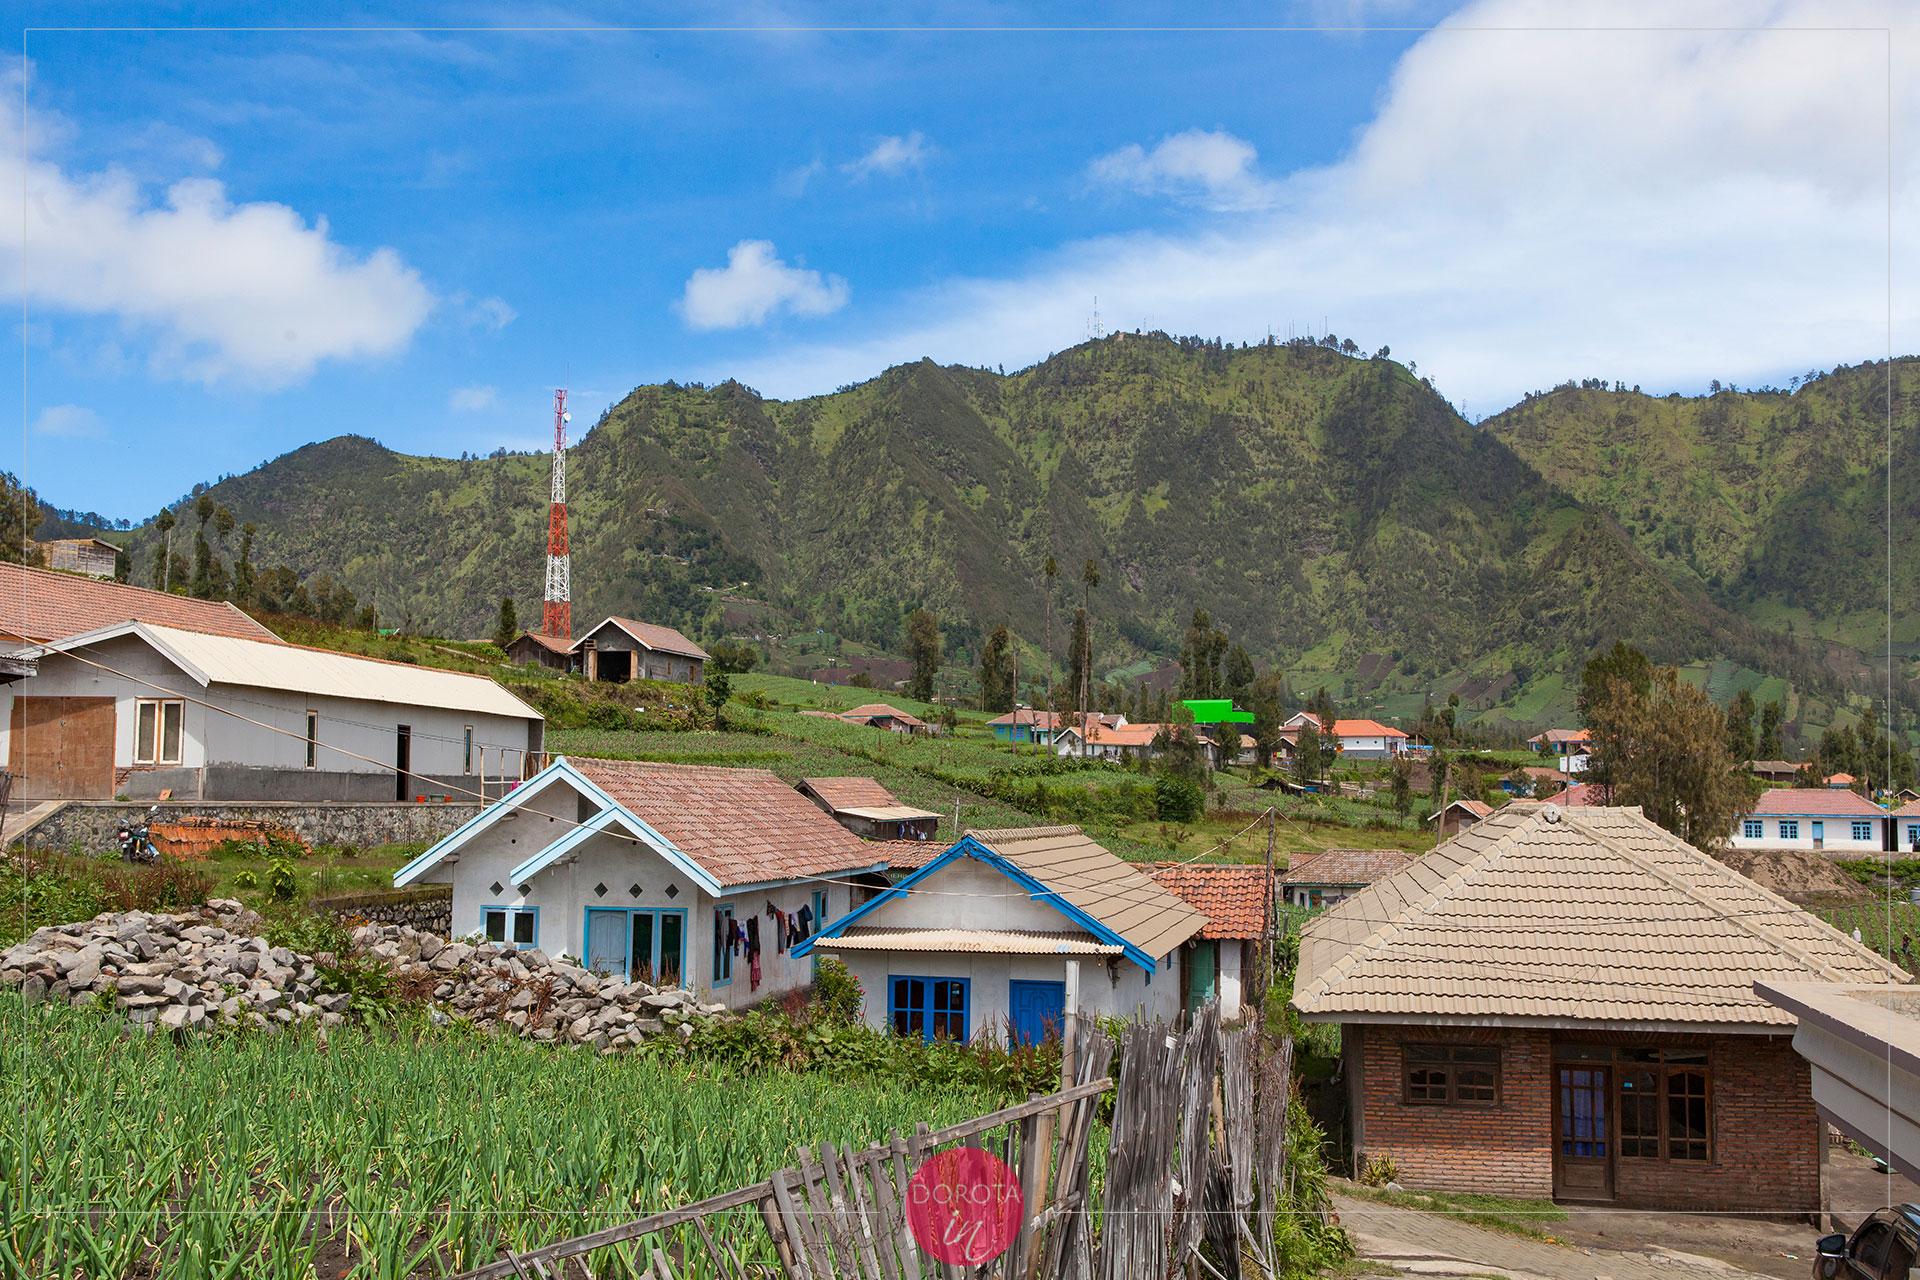 Cemoro Lawang - wioska, ale już dawno dotarła tu cywilizacja